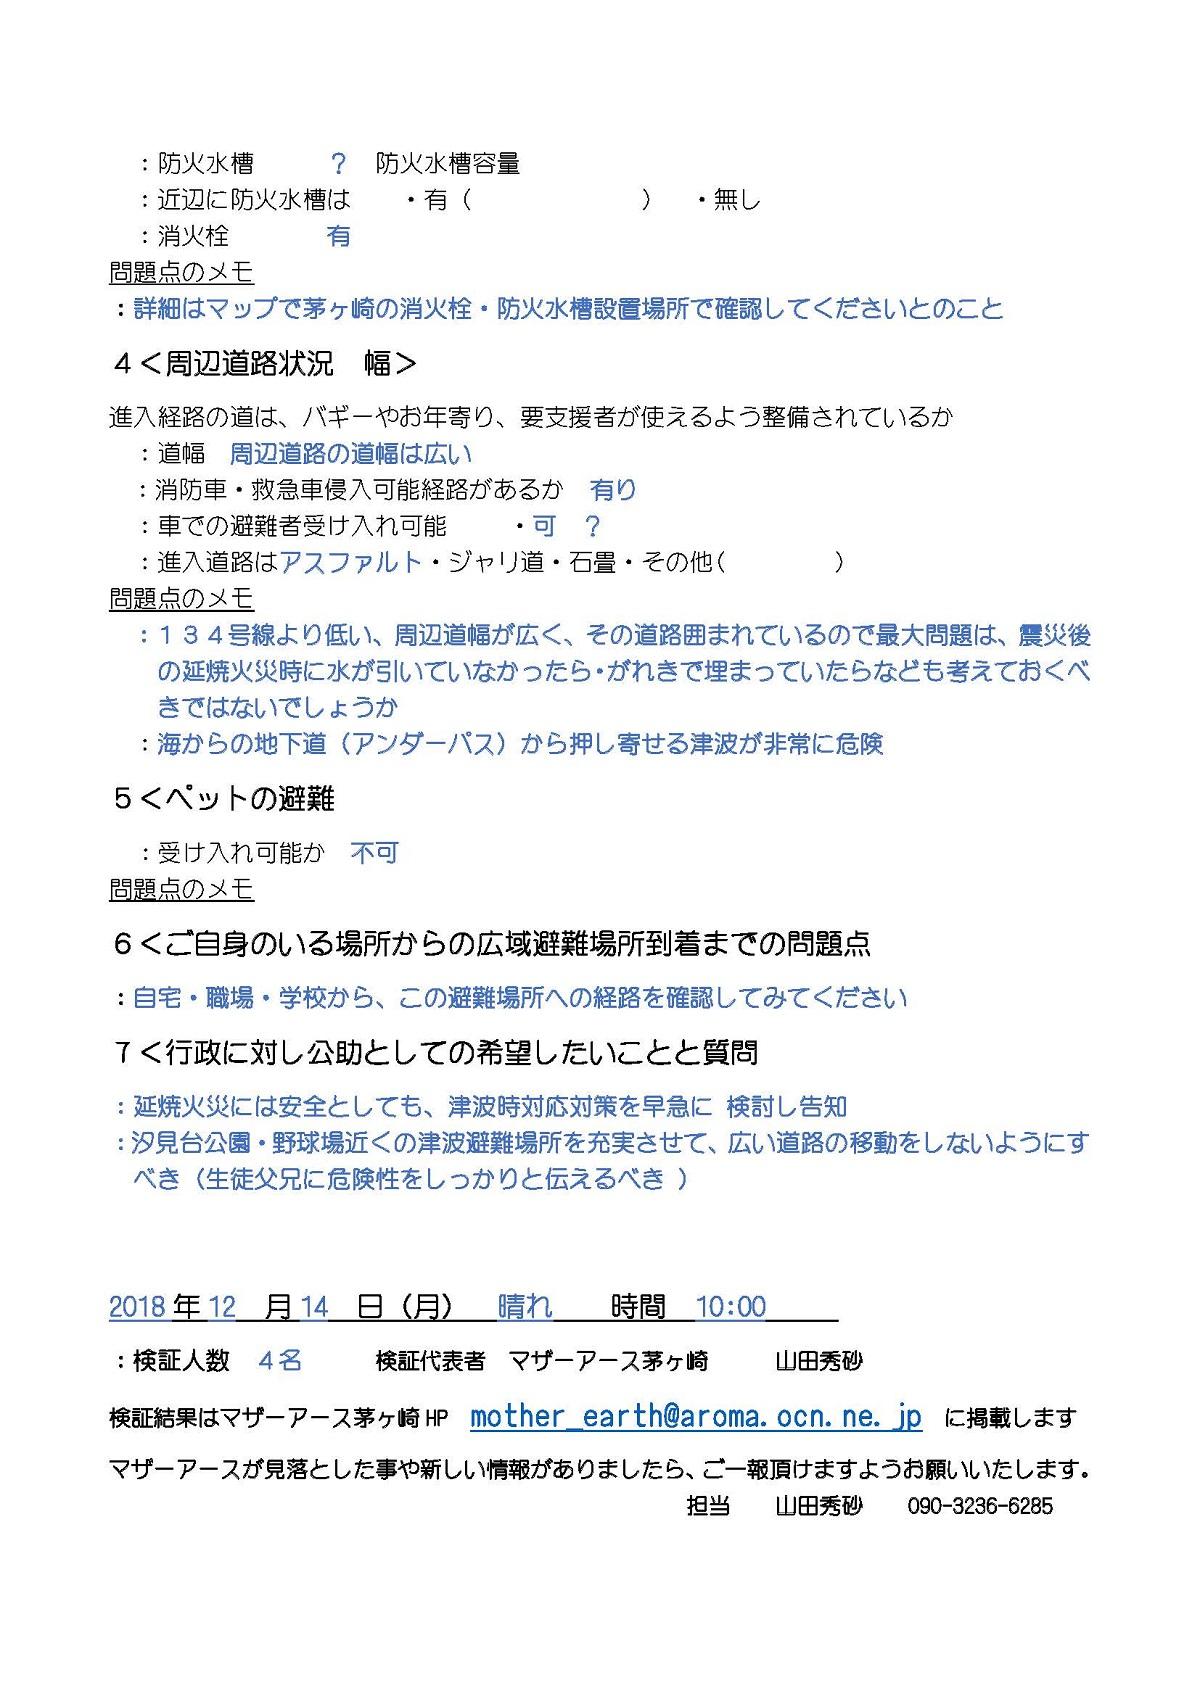 213新ー松下政経塾広域指定ーマザーアース茅ヶ崎_ページ_2